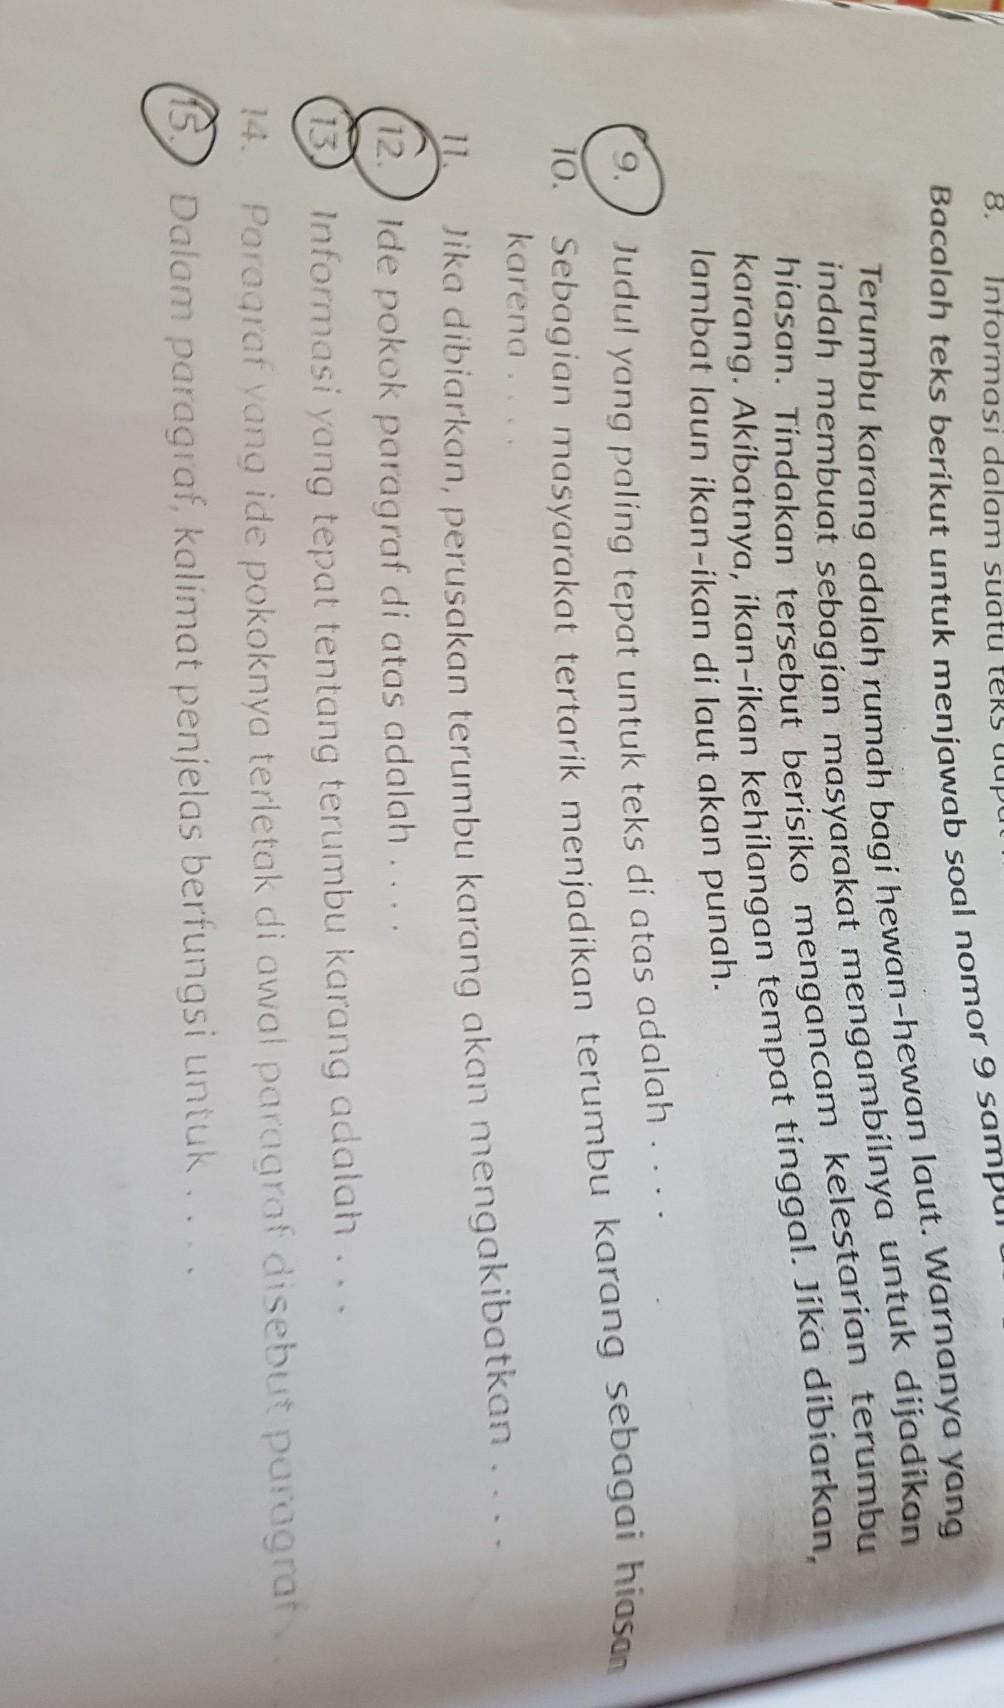 Paragraf Yang Ide Pokoknya Terletak Diawal Paragraf Disebut : paragraf, pokoknya, terletak, diawal, disebut, 9.judul, Paling, Tepat, Untuk, Adalah, 10.sebagian, Masyarakat, Tertarik, Menjadikan, Brainly.co.id